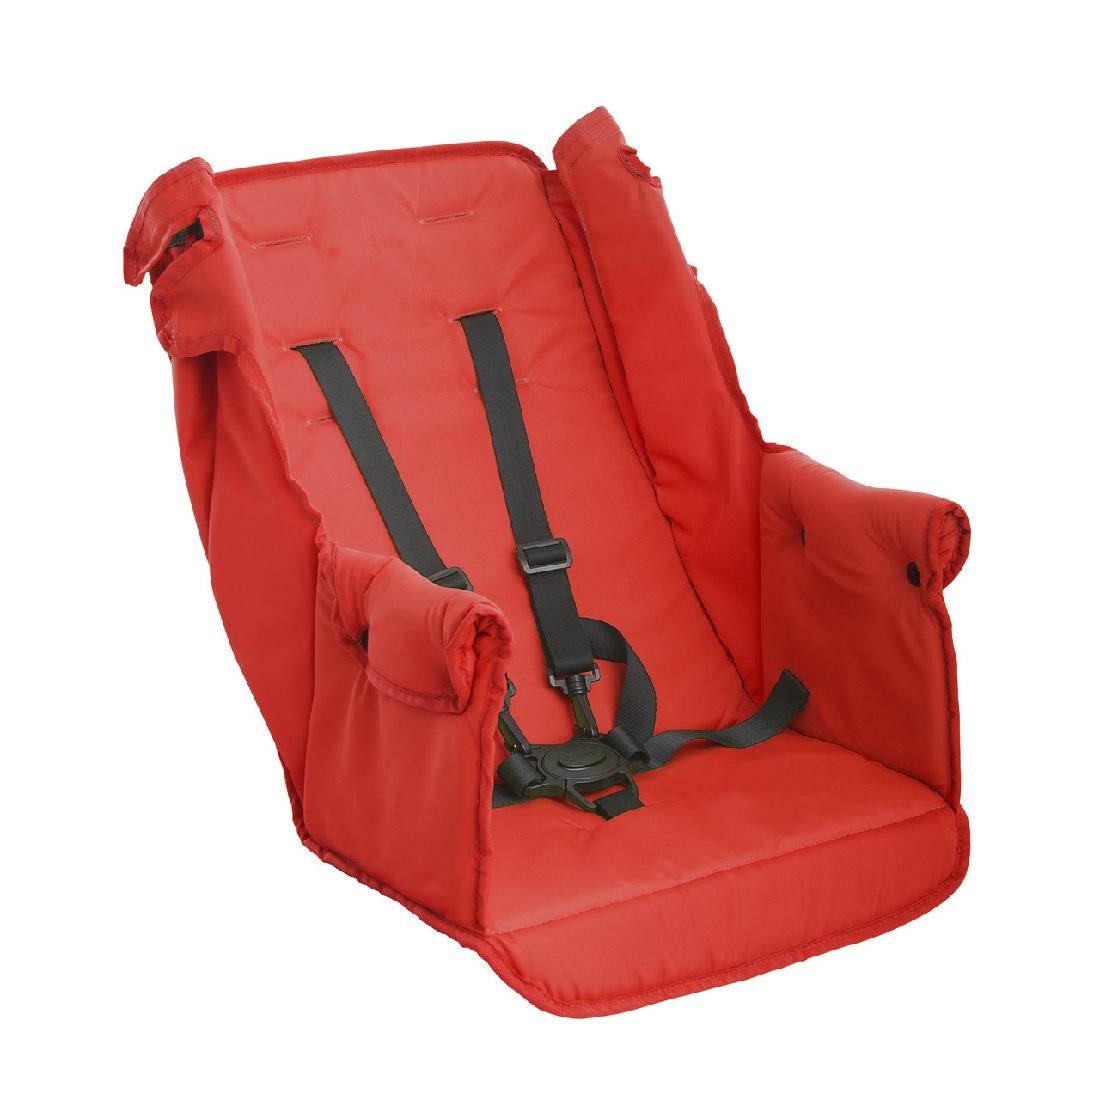 Второе сидение Joovy Caboose Too Seat для колясок Caboose, Caboose Ultralight и Big Caboose Красный<br>